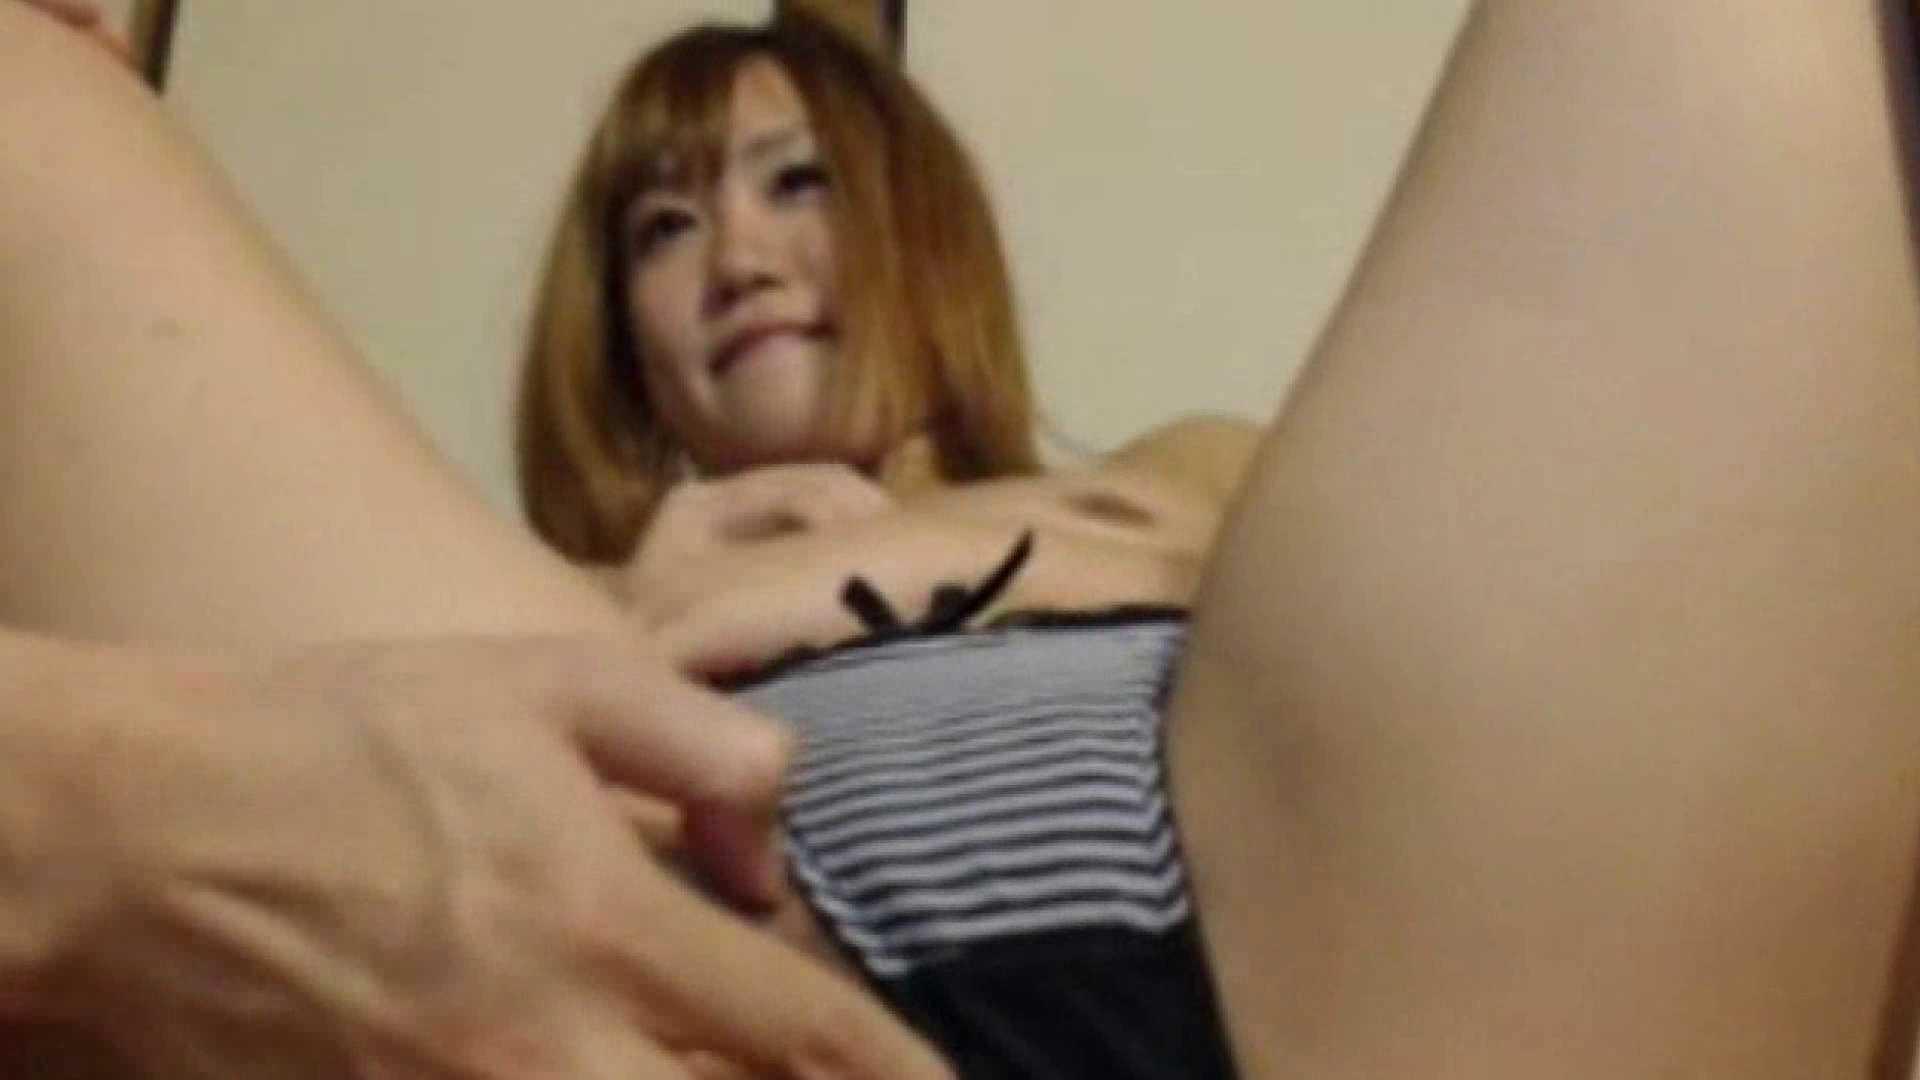 S級ギャルのハメ撮り!生チャット!Vol.13前編 美女まとめ  91PIX 63